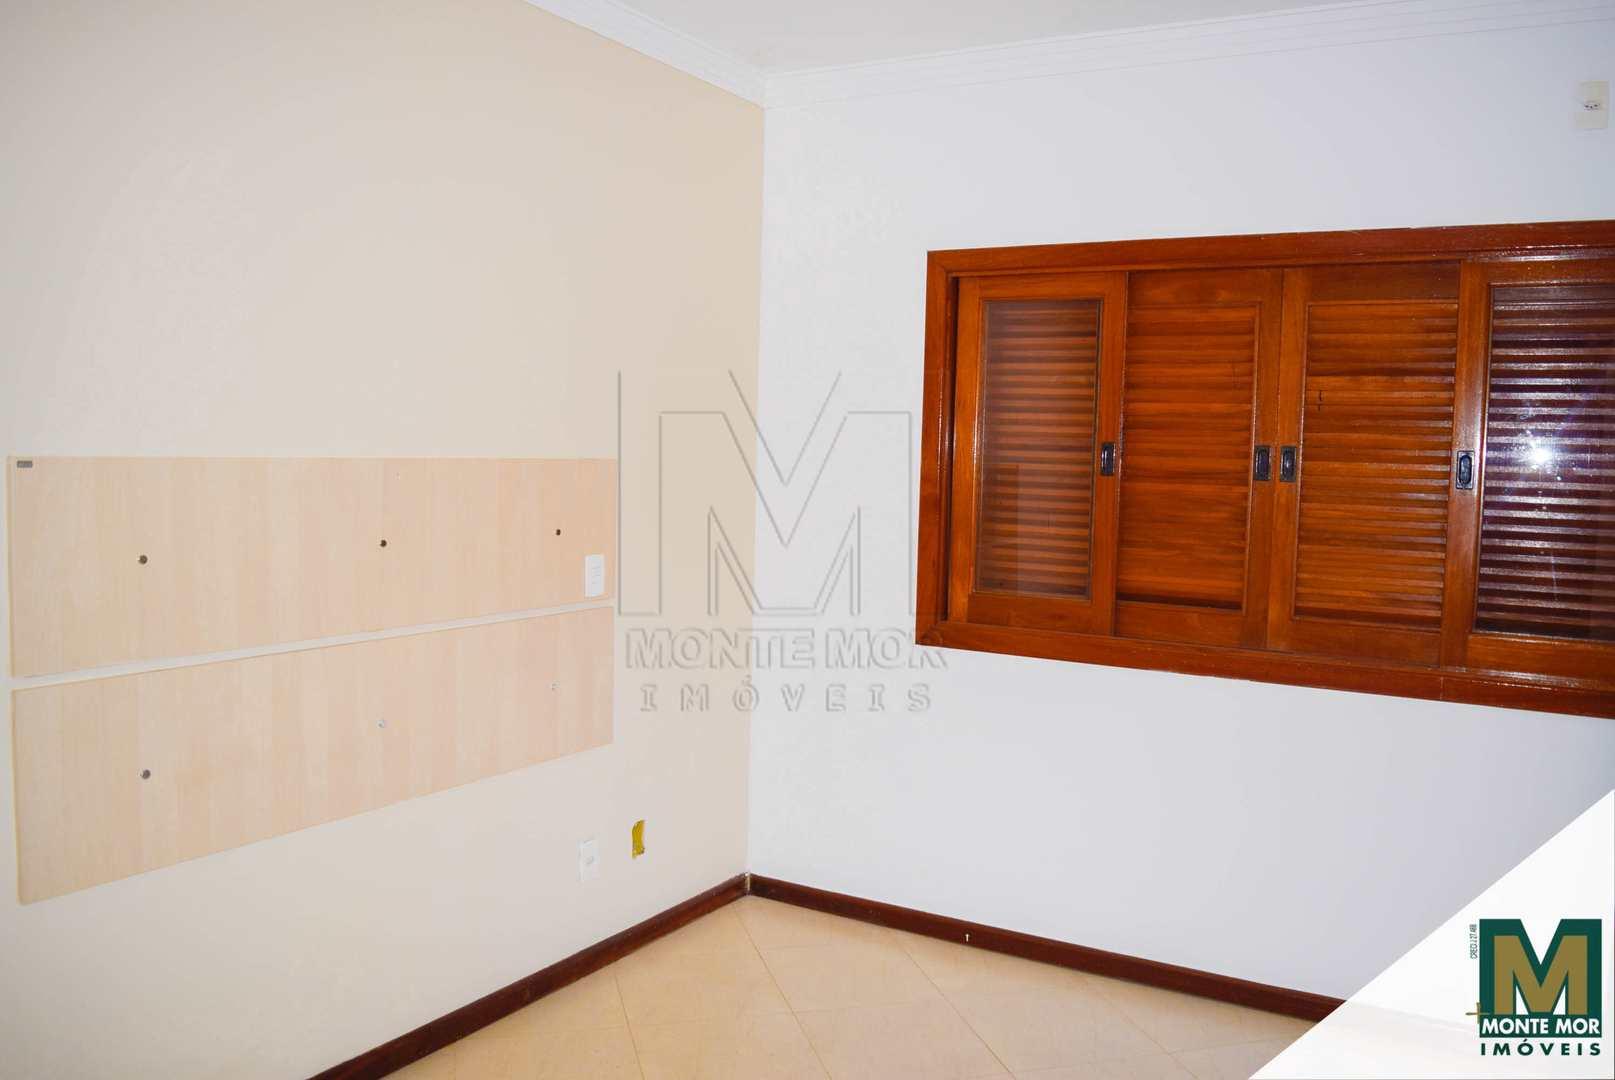 Casa com 3 dorms - Locação - JD. Vista Alegre